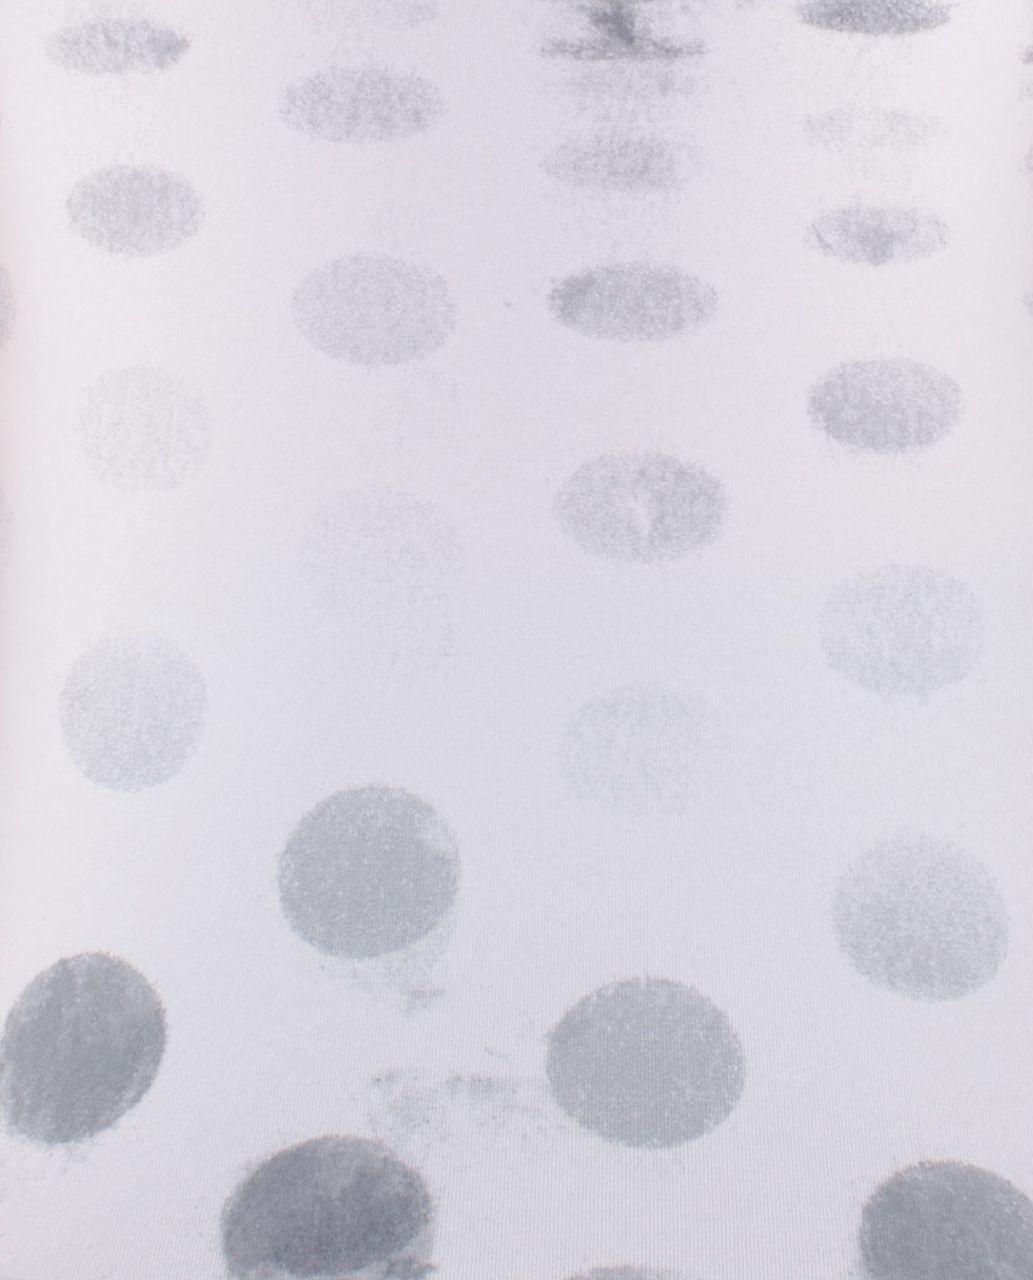 Lululemon Cool Racerback - Seaside Dot White / Fossil